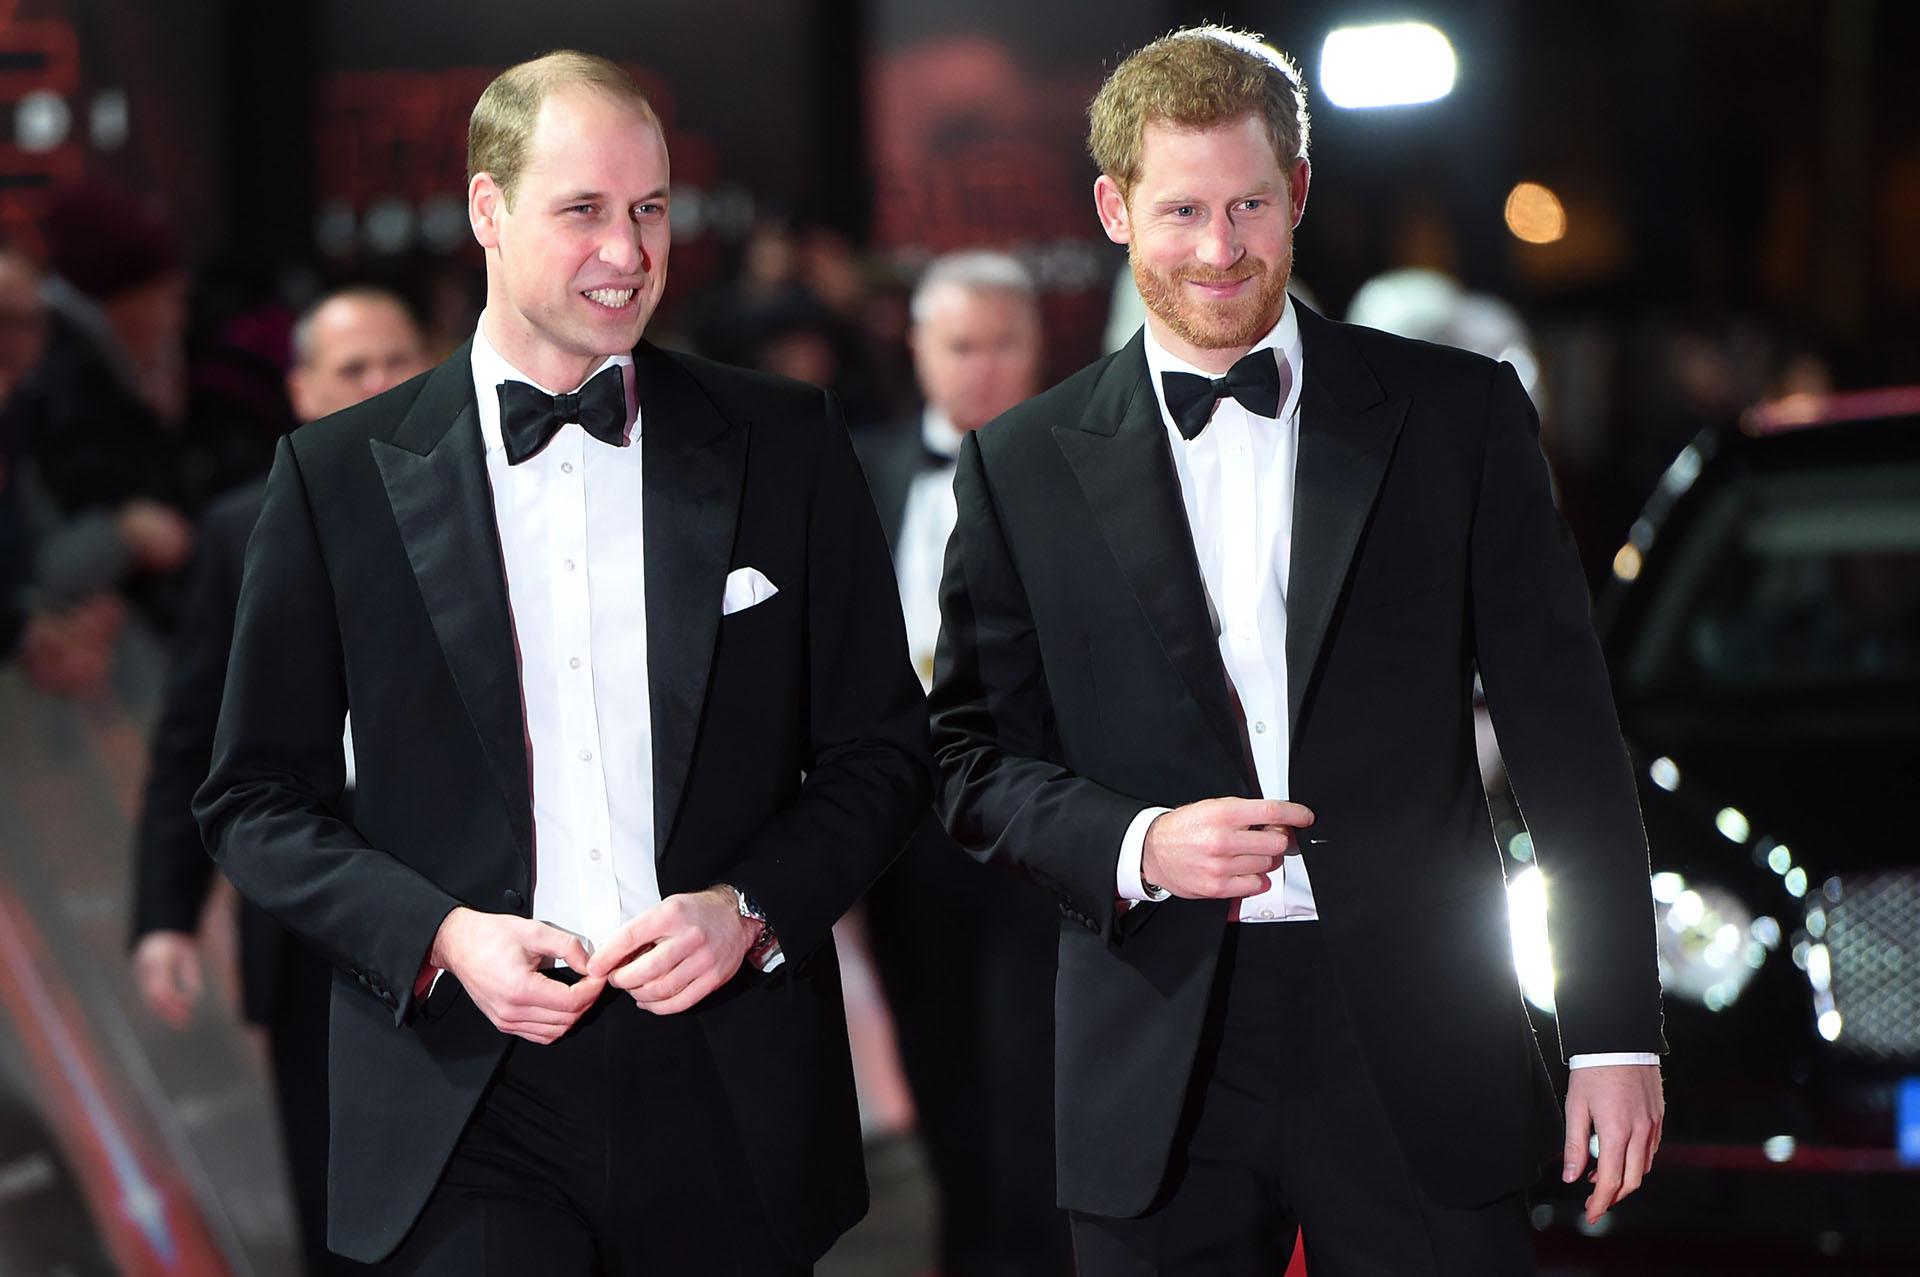 Los nietos de la reina Isabel II caminaron por la red carpet vestidos con smoking. Una versión asegura que habrían salido en algunas tomas de la película disfrazados de stormtroopers